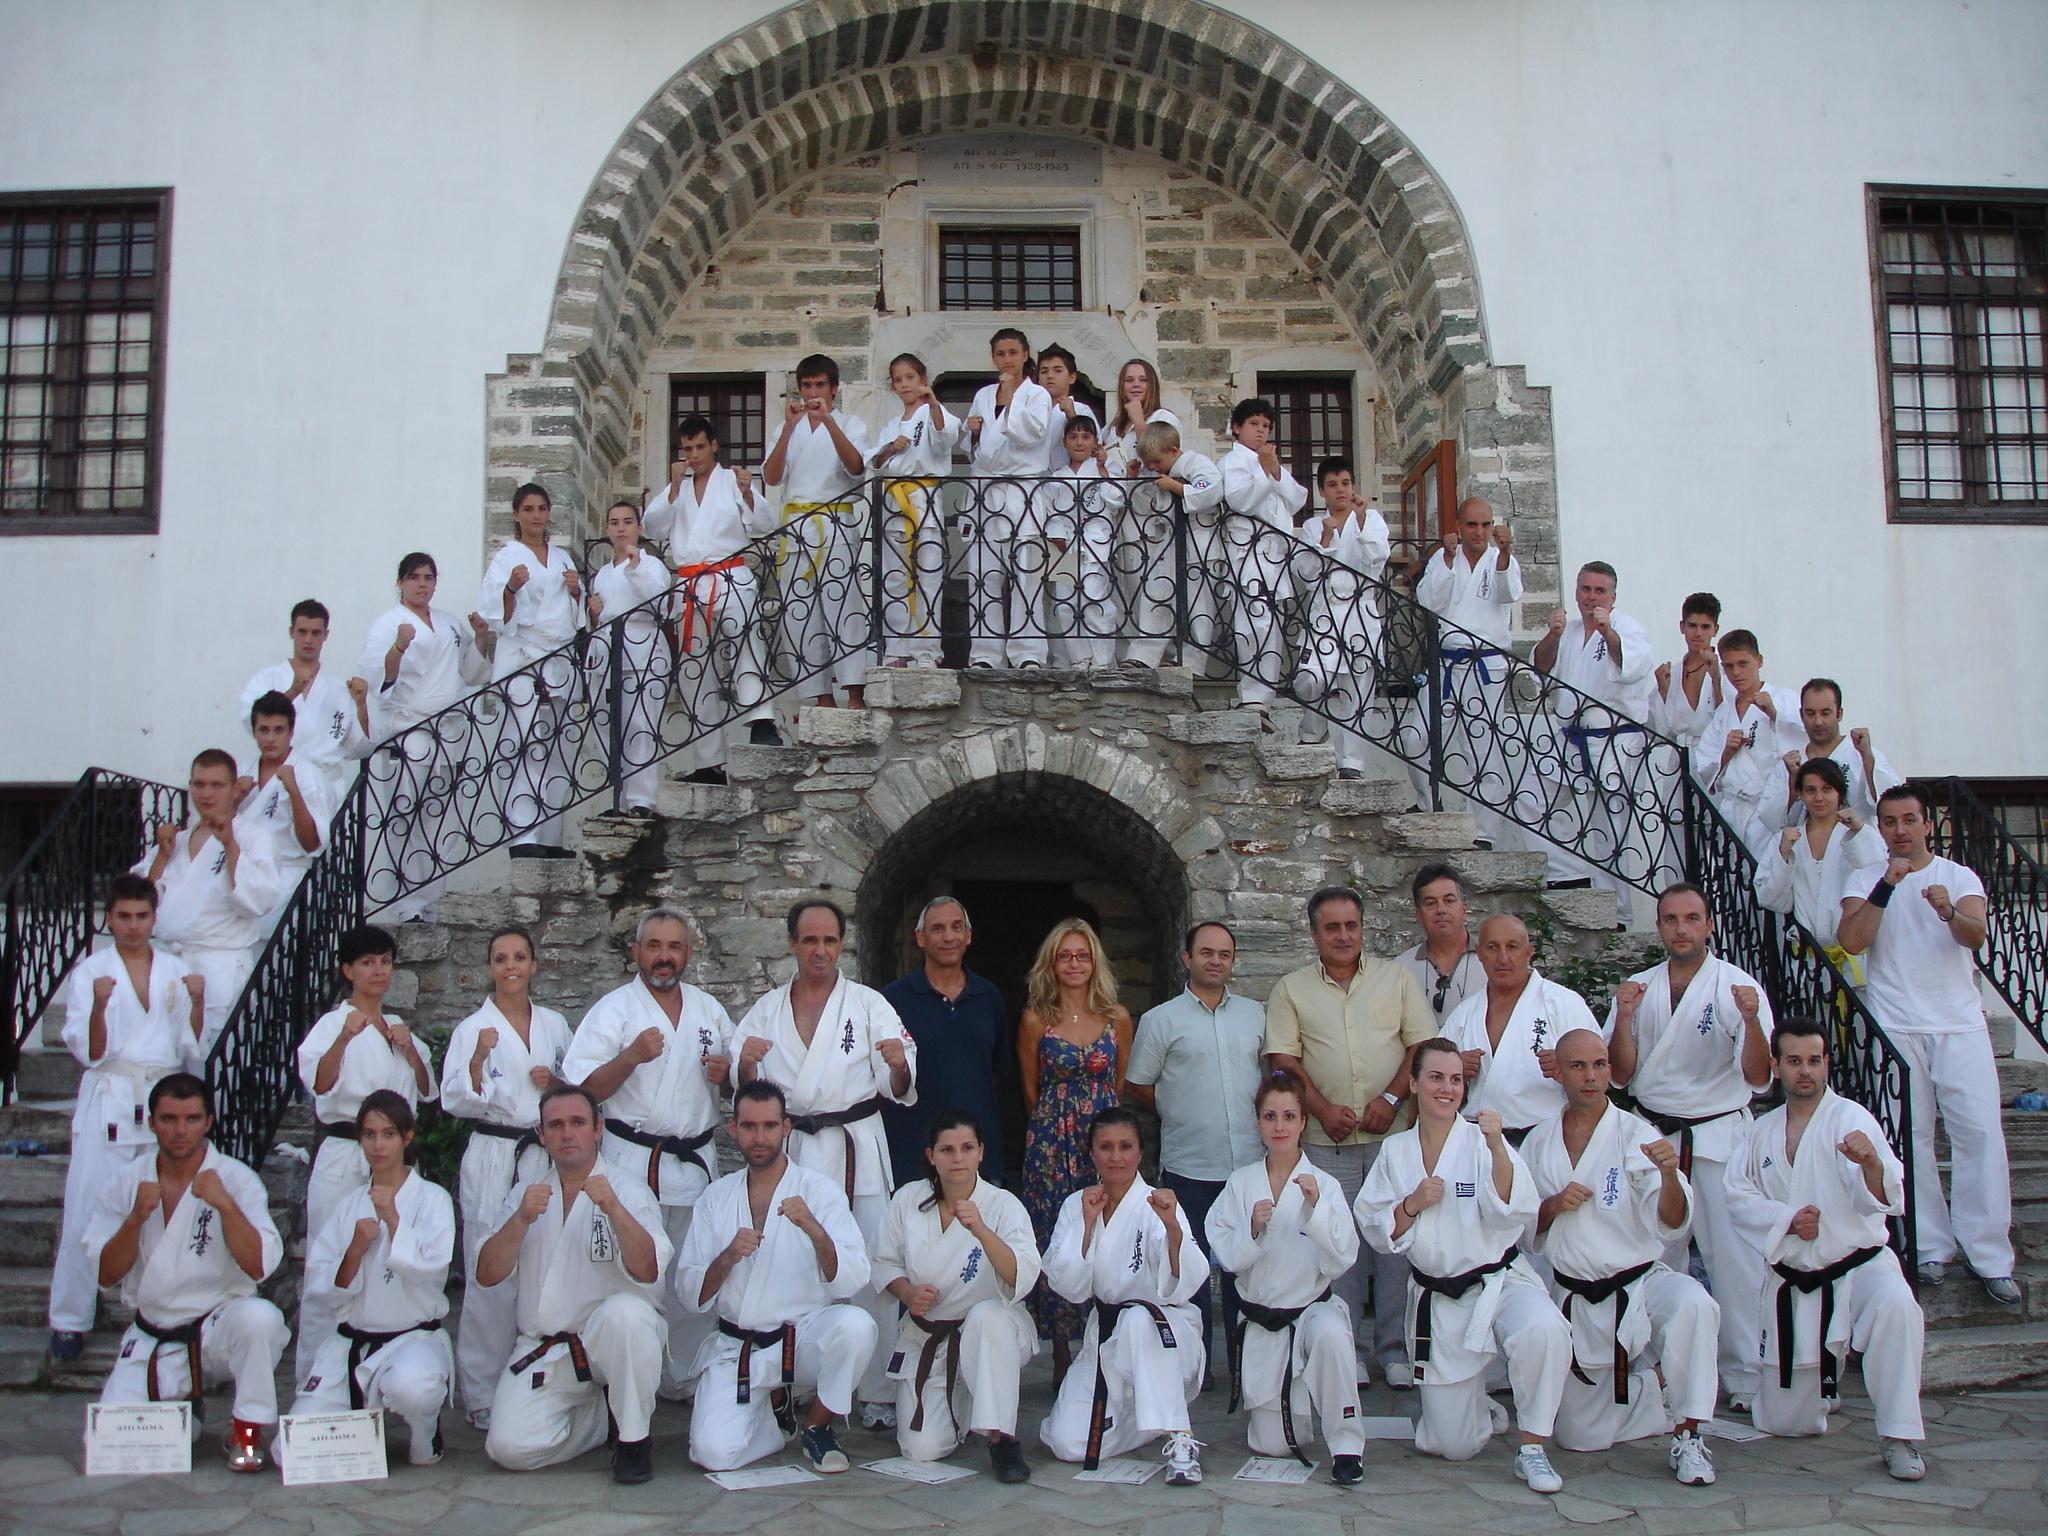 Διεθνές camp Kyokuishinkai Karate στη Ζαγορά